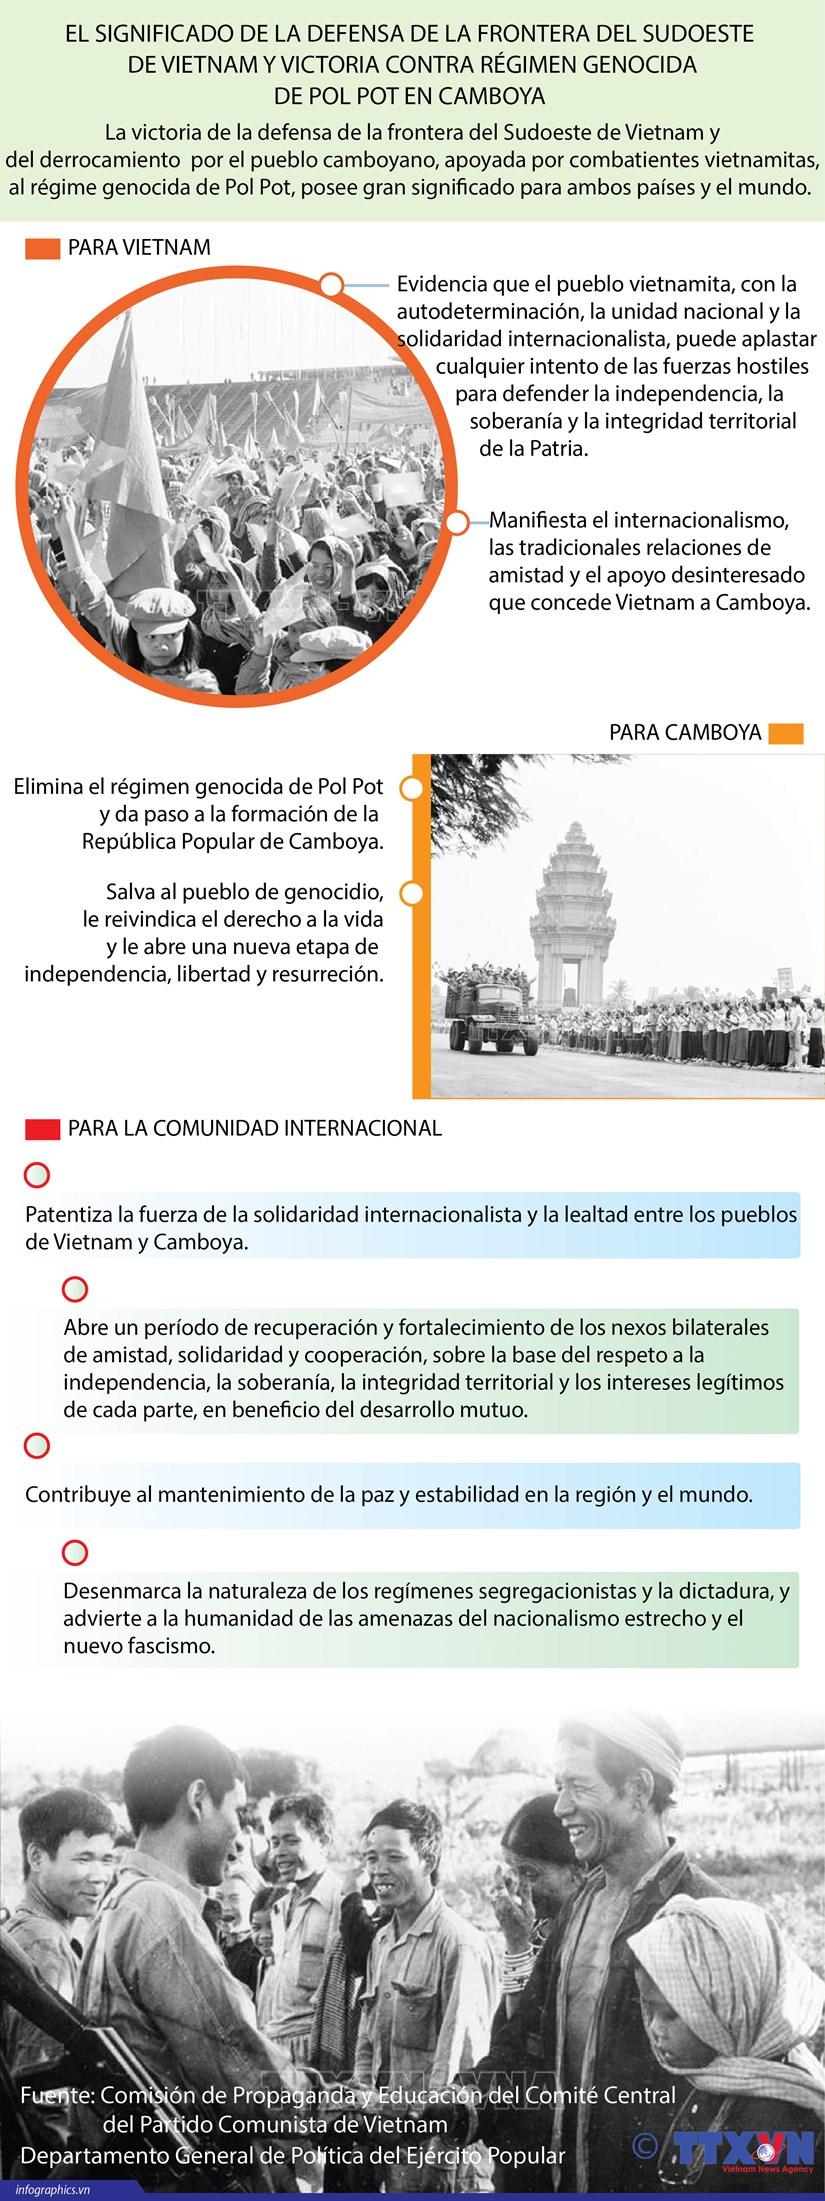 [Infografia] Significado de la defensa de la frontera del Sudoeste de Vietnam y victoria contra regimen genocida de Pol Pot hinh anh 1